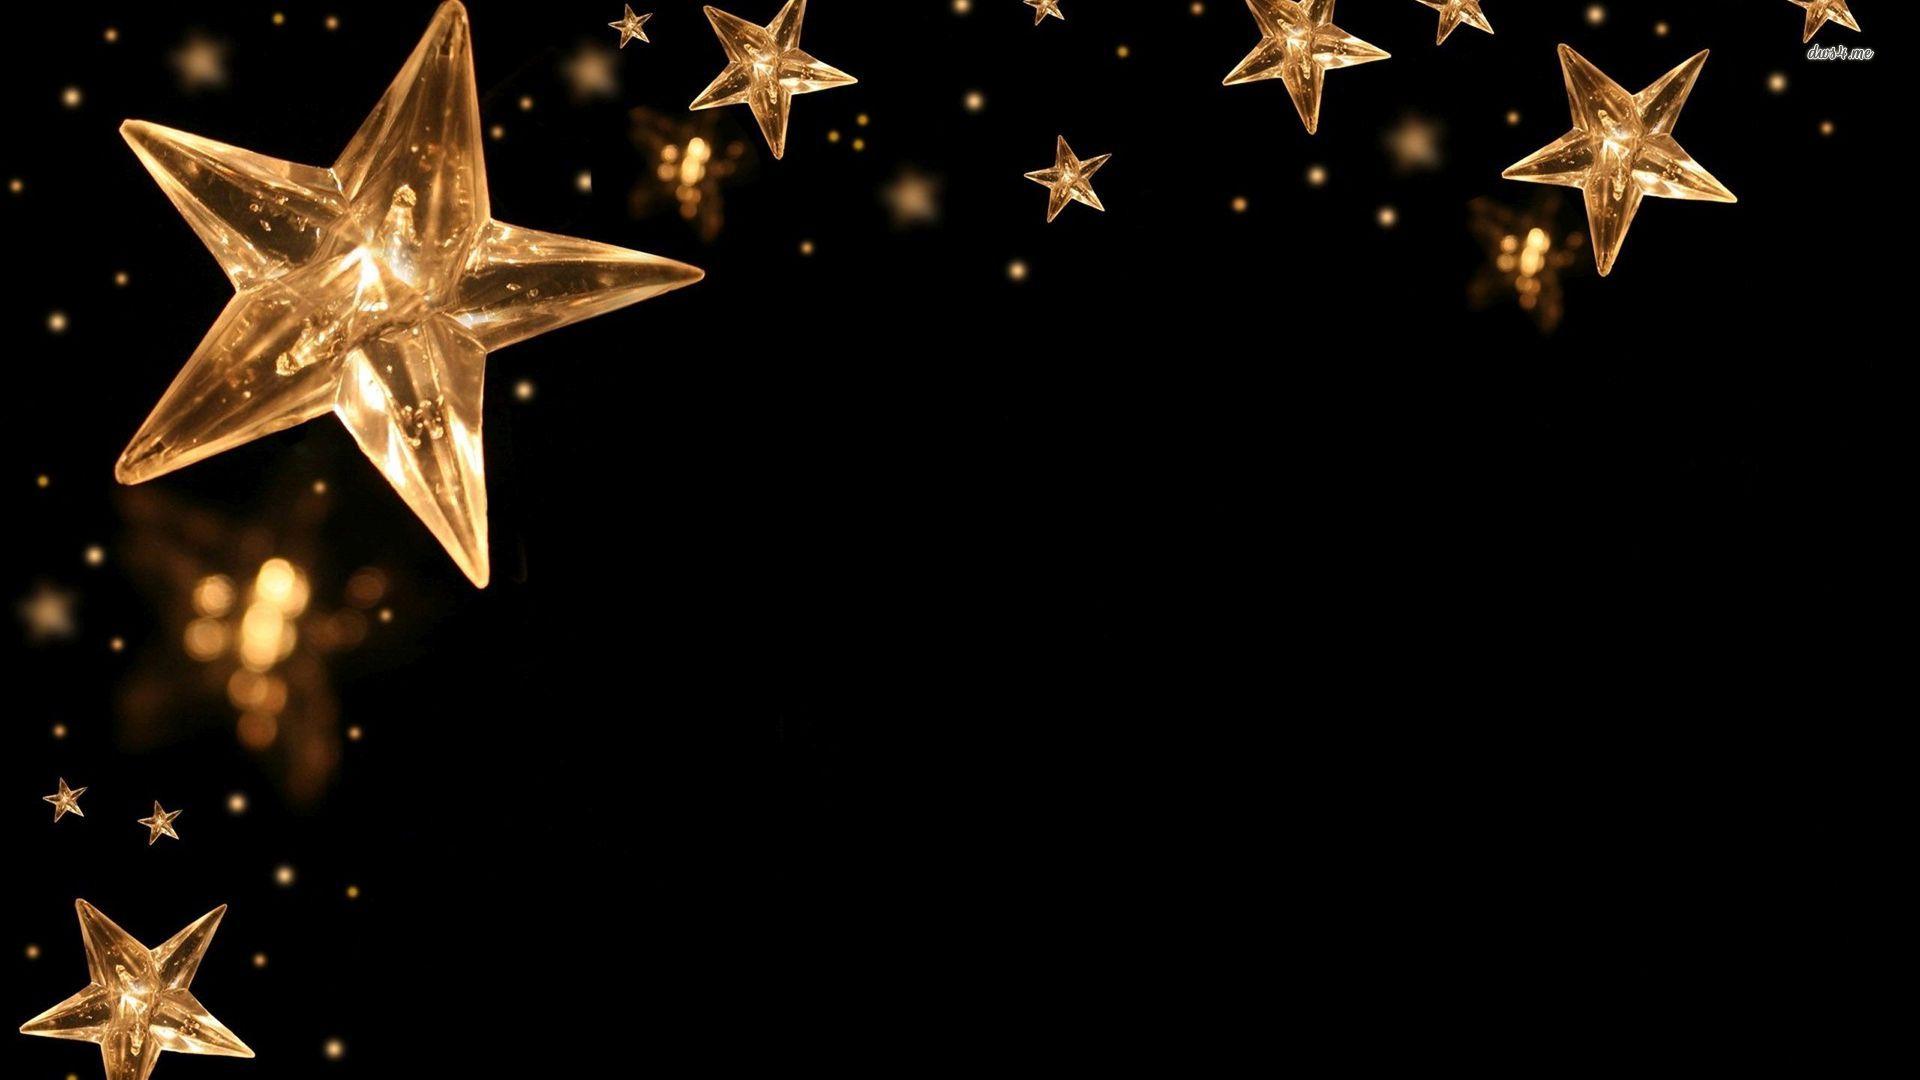 gold stars wallpaper wallpapersafari snowflake vector art images snowflake vector art free